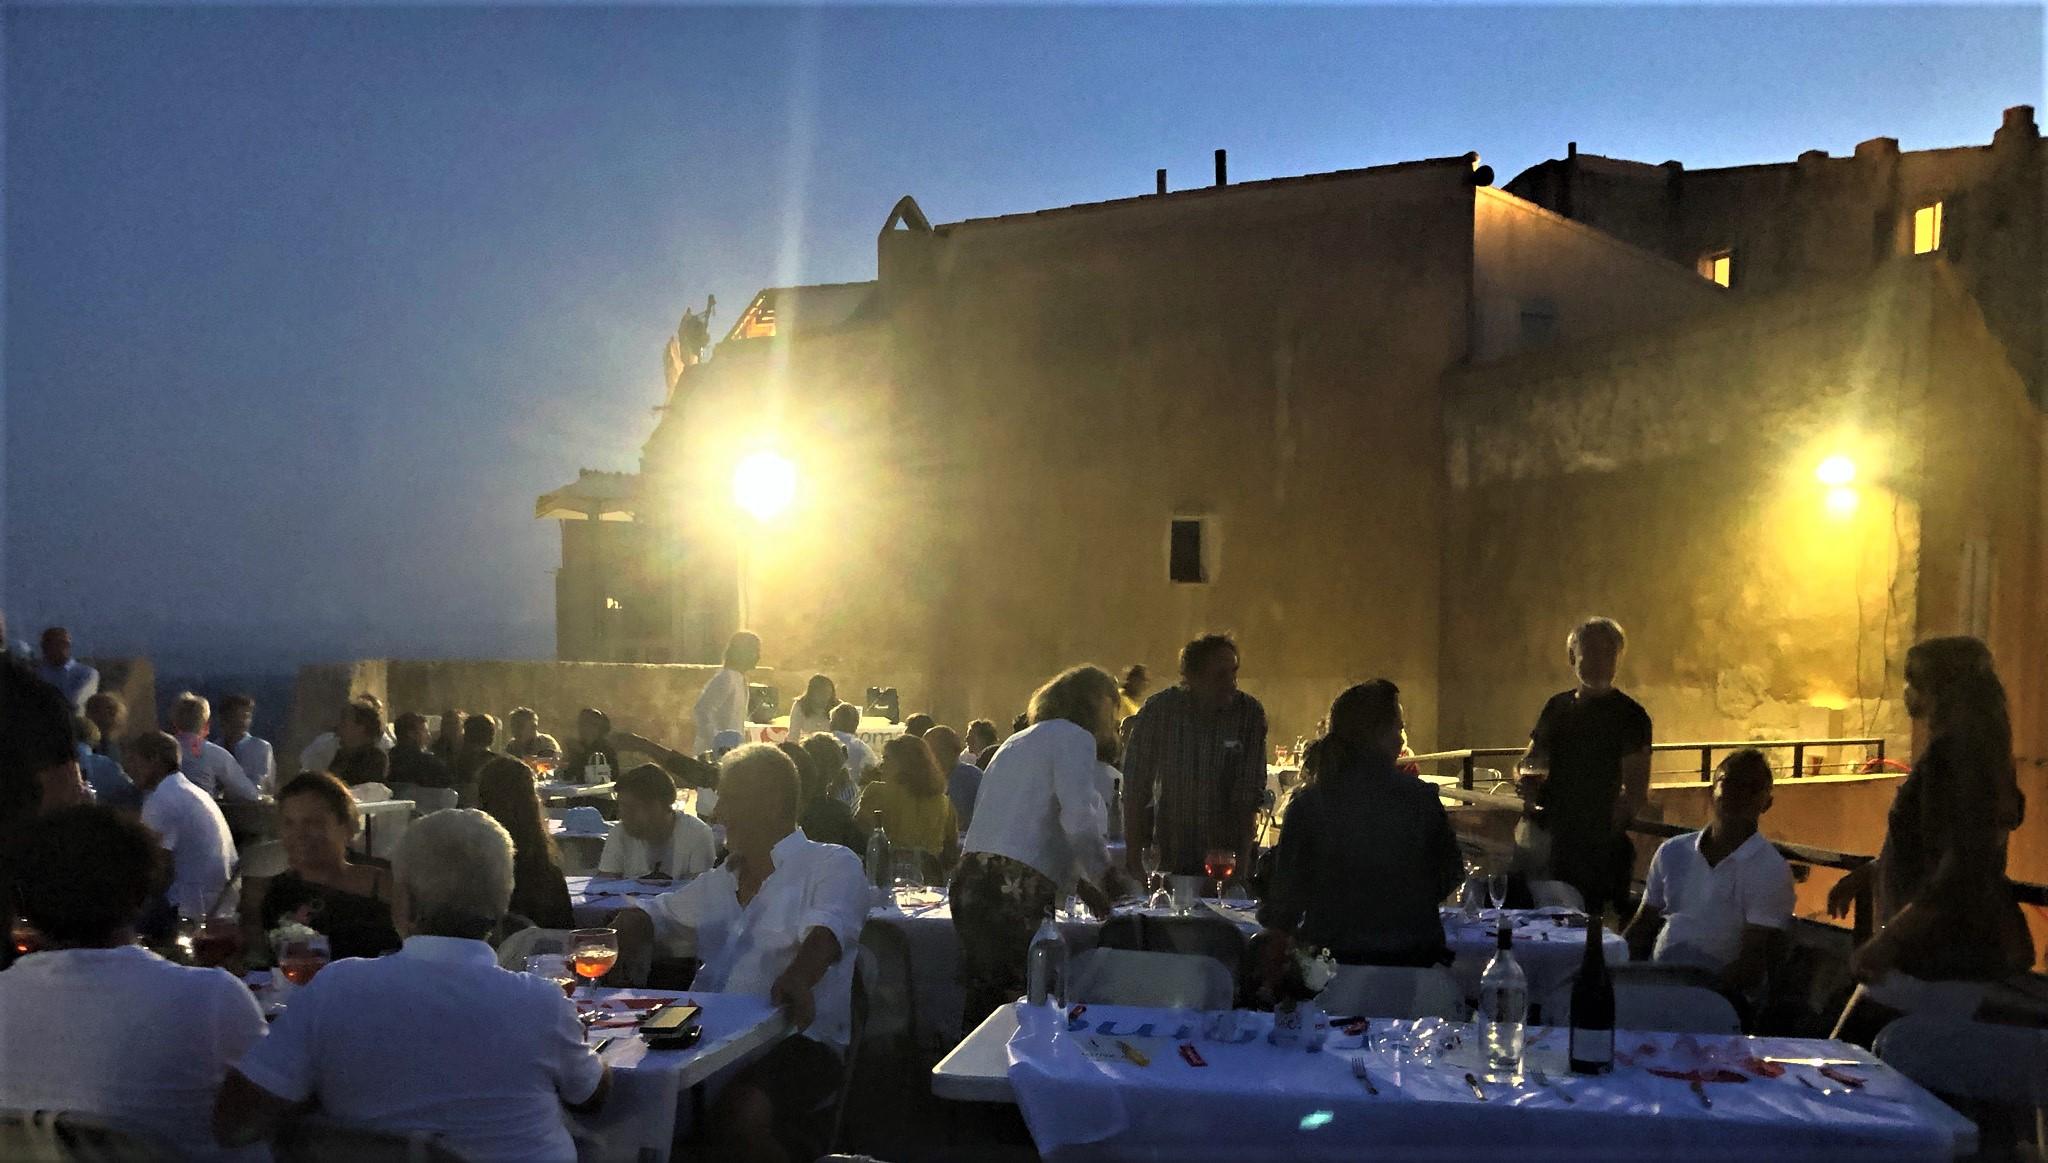 Bonifacio Bastion de l'Etendard remise des prix  et diner du Trophée de la Ville Antoine Zuria photo Katia Kulawick Assante DR